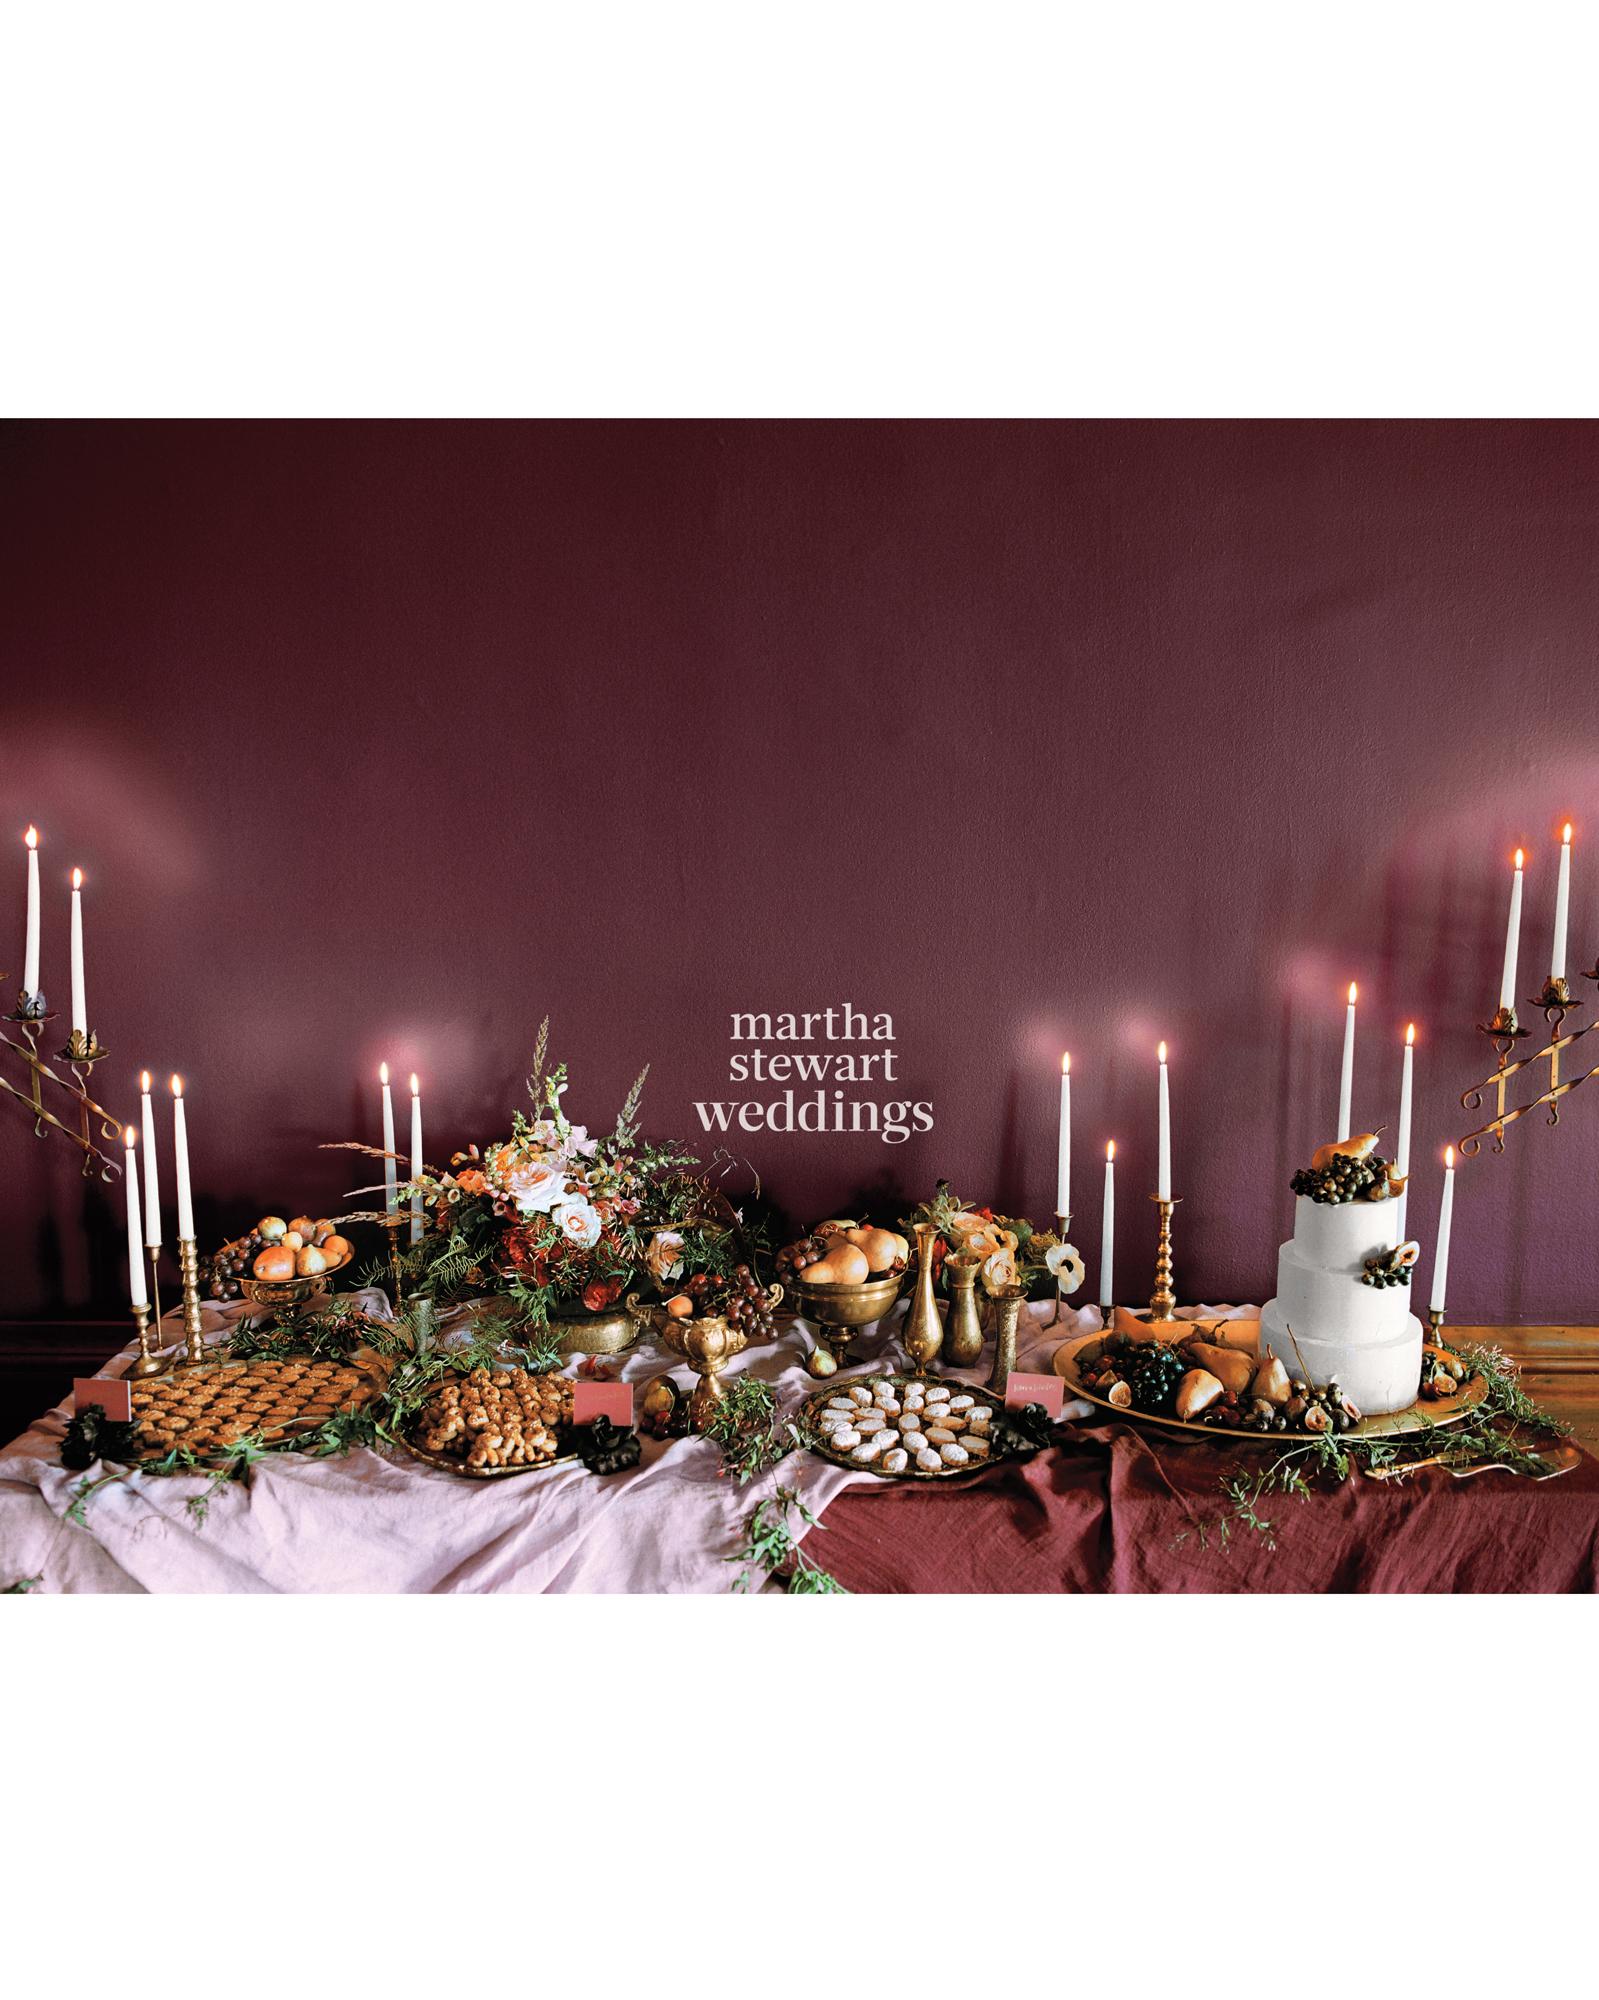 msophia-joel-wedding-los-angeles-058-d112240-r1-watermarked-0915.jpg